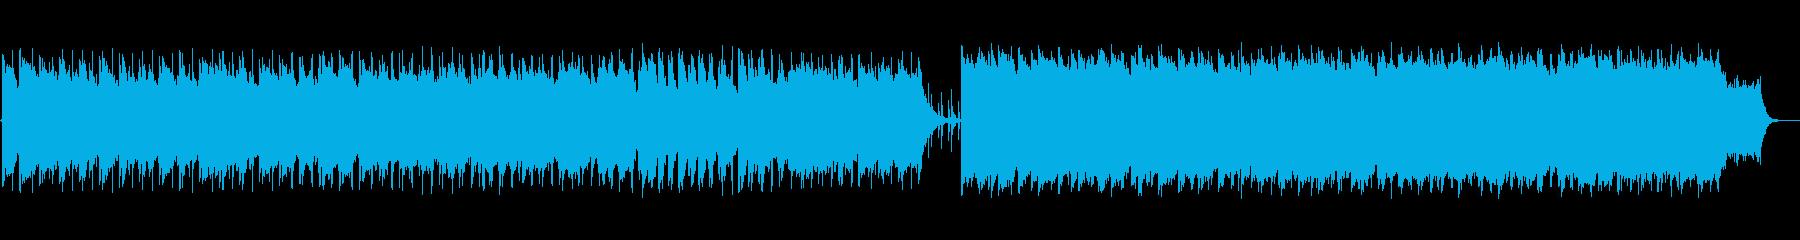 スキップしながらみんなと遊ぶ明るいBGMの再生済みの波形